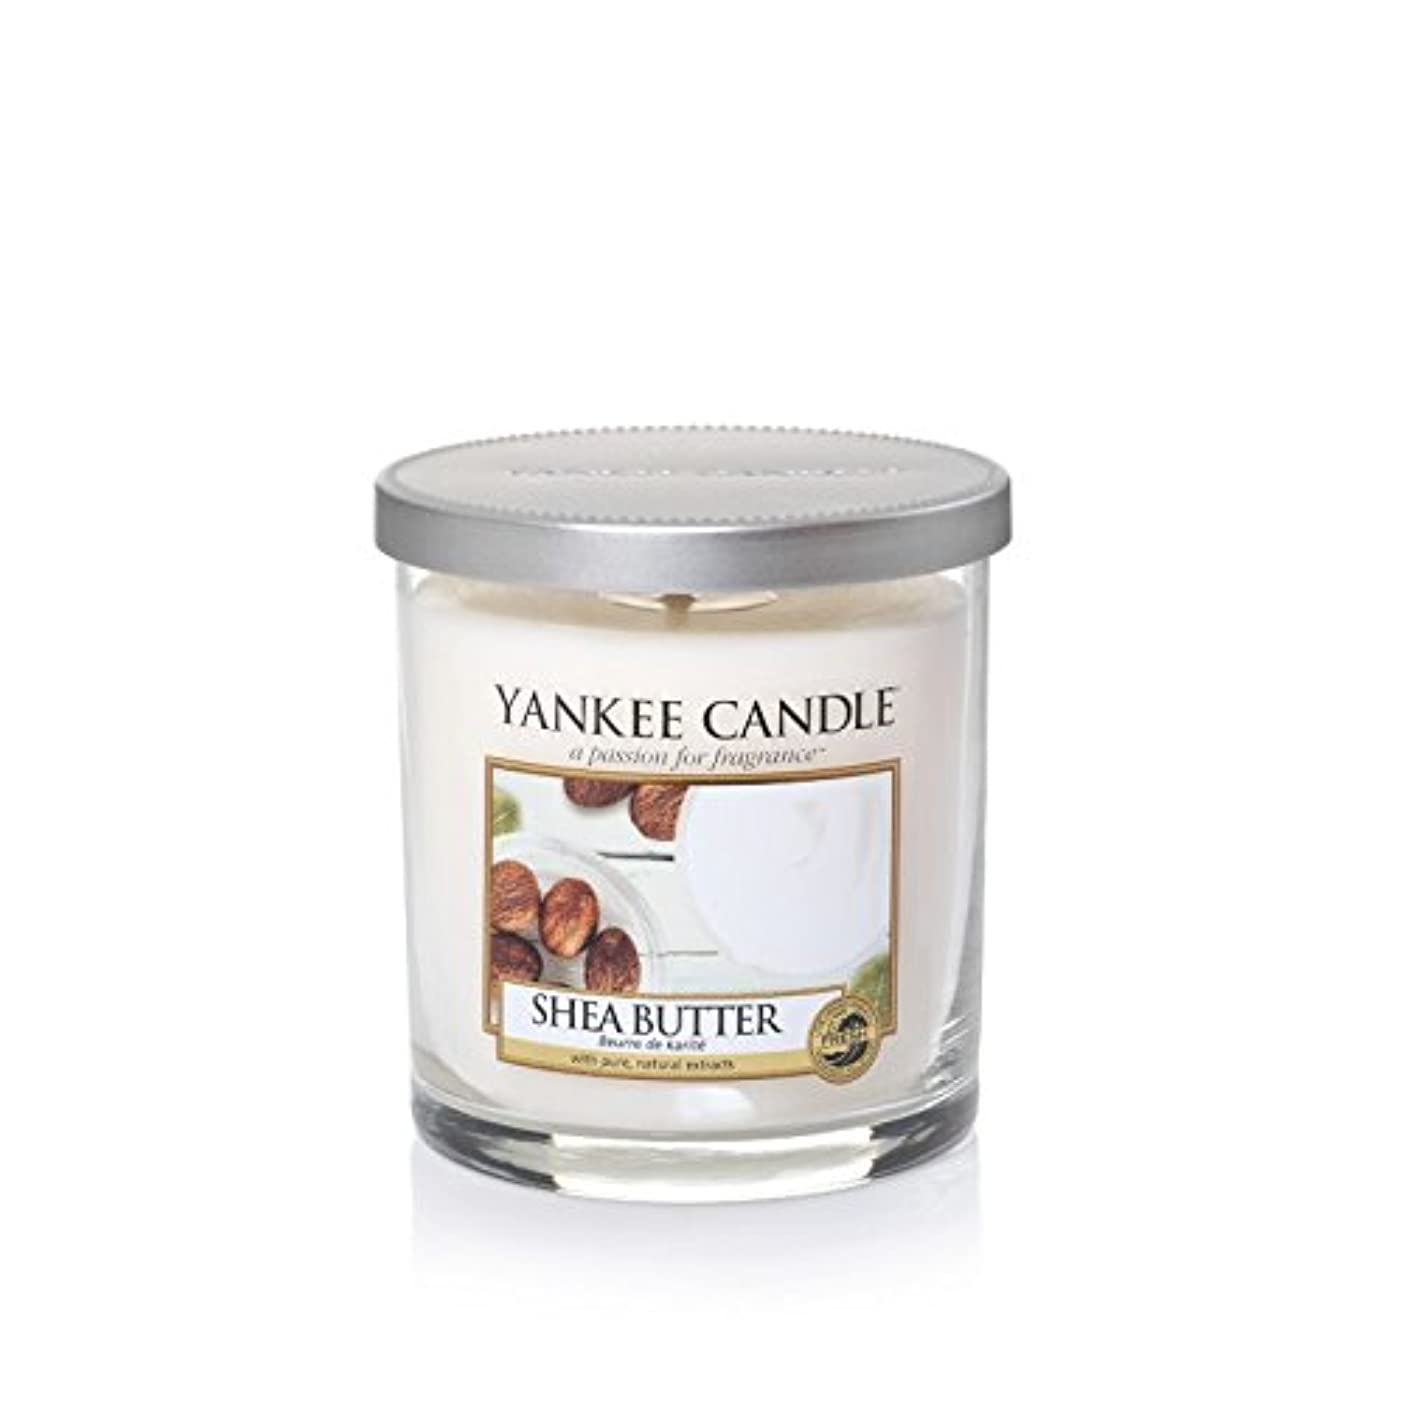 通信するラバグラマーヤンキーキャンドルの小さな柱キャンドル - シアバター - Yankee Candles Small Pillar Candle - Shea Butter (Yankee Candles) [並行輸入品]